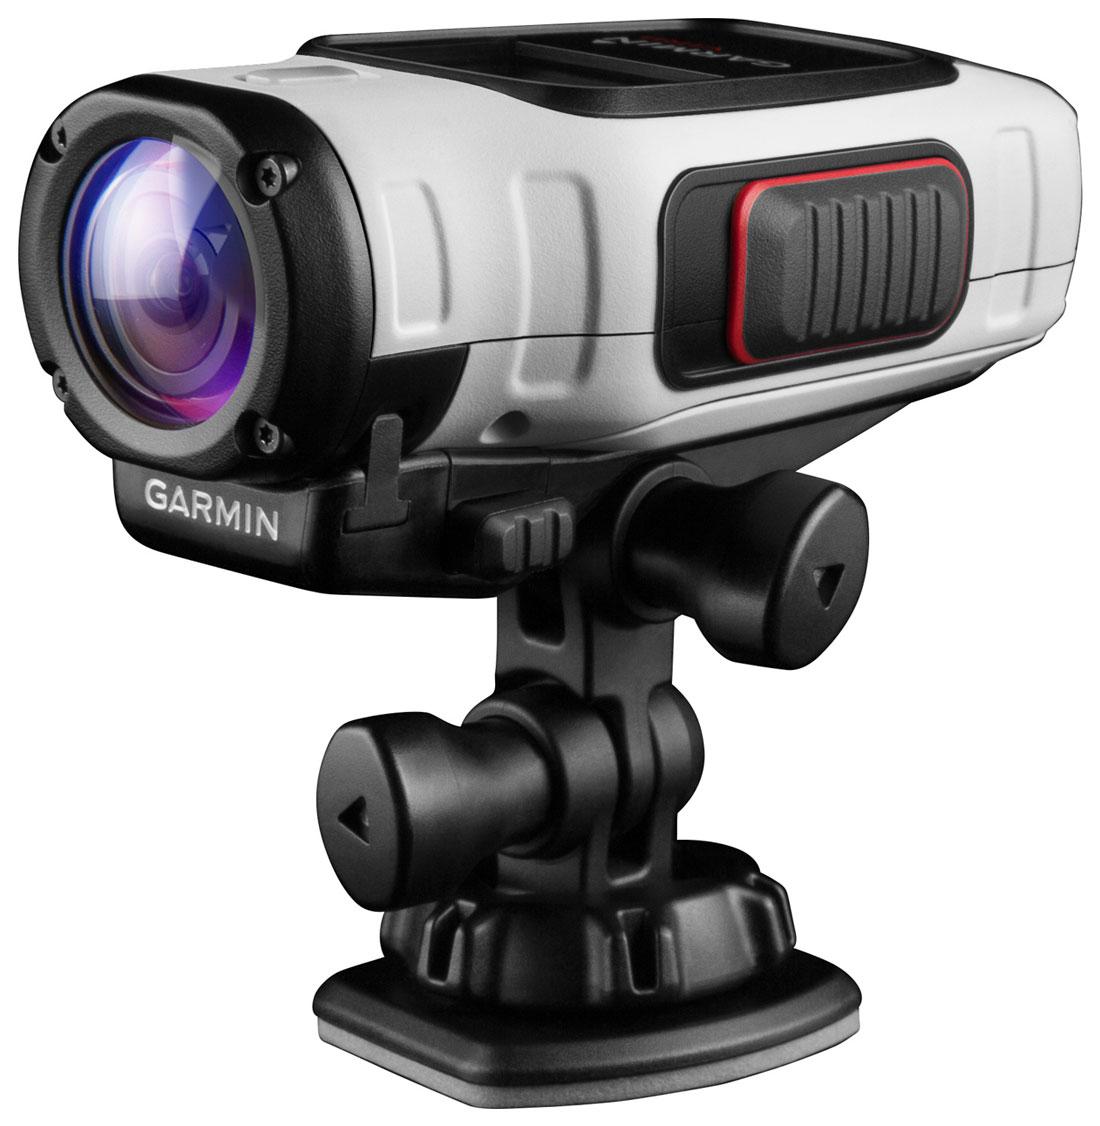 La caméra d'action GPS Garmin Virb Elite.